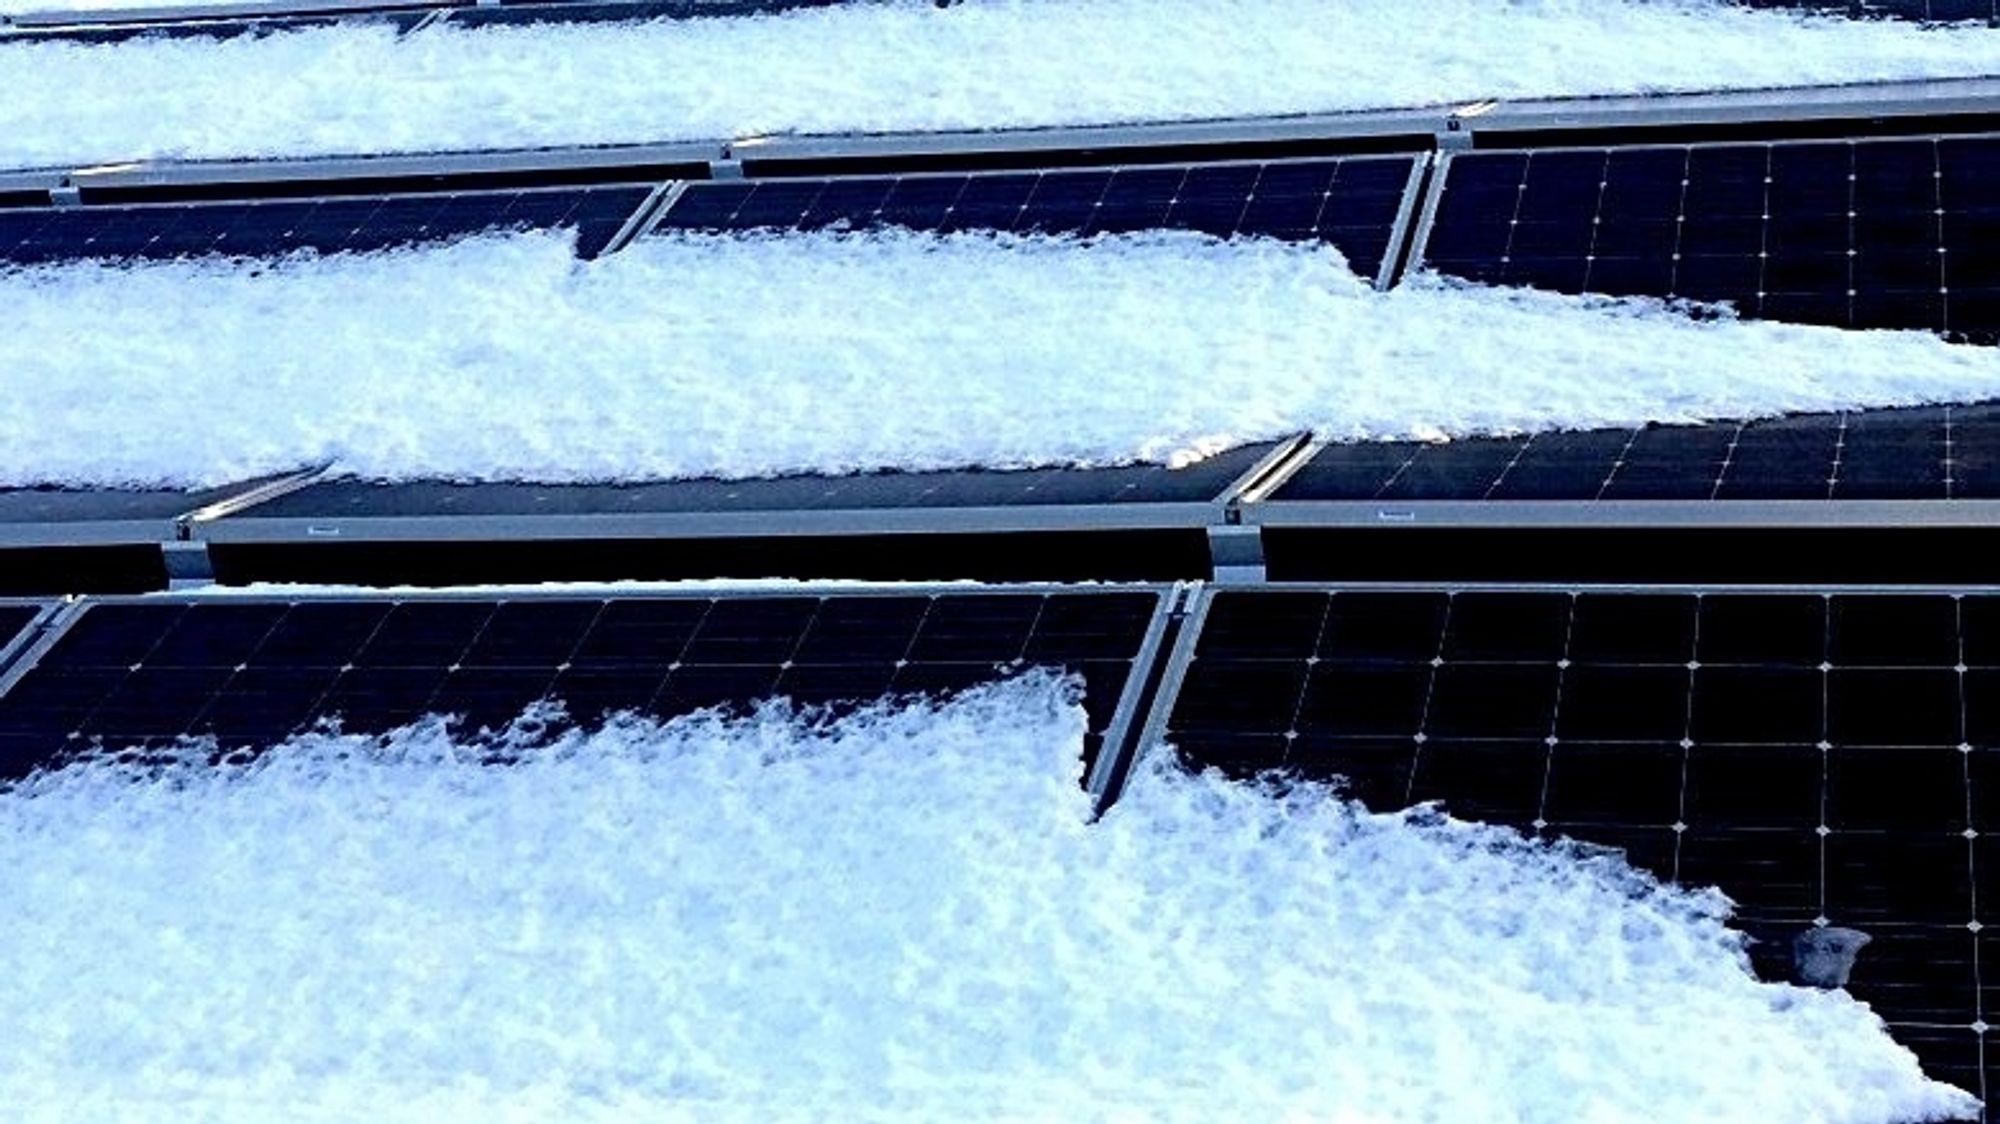 Nå er det mulig å sende strøm inn i solcellene for å smelte snøen som legger seg på dem.